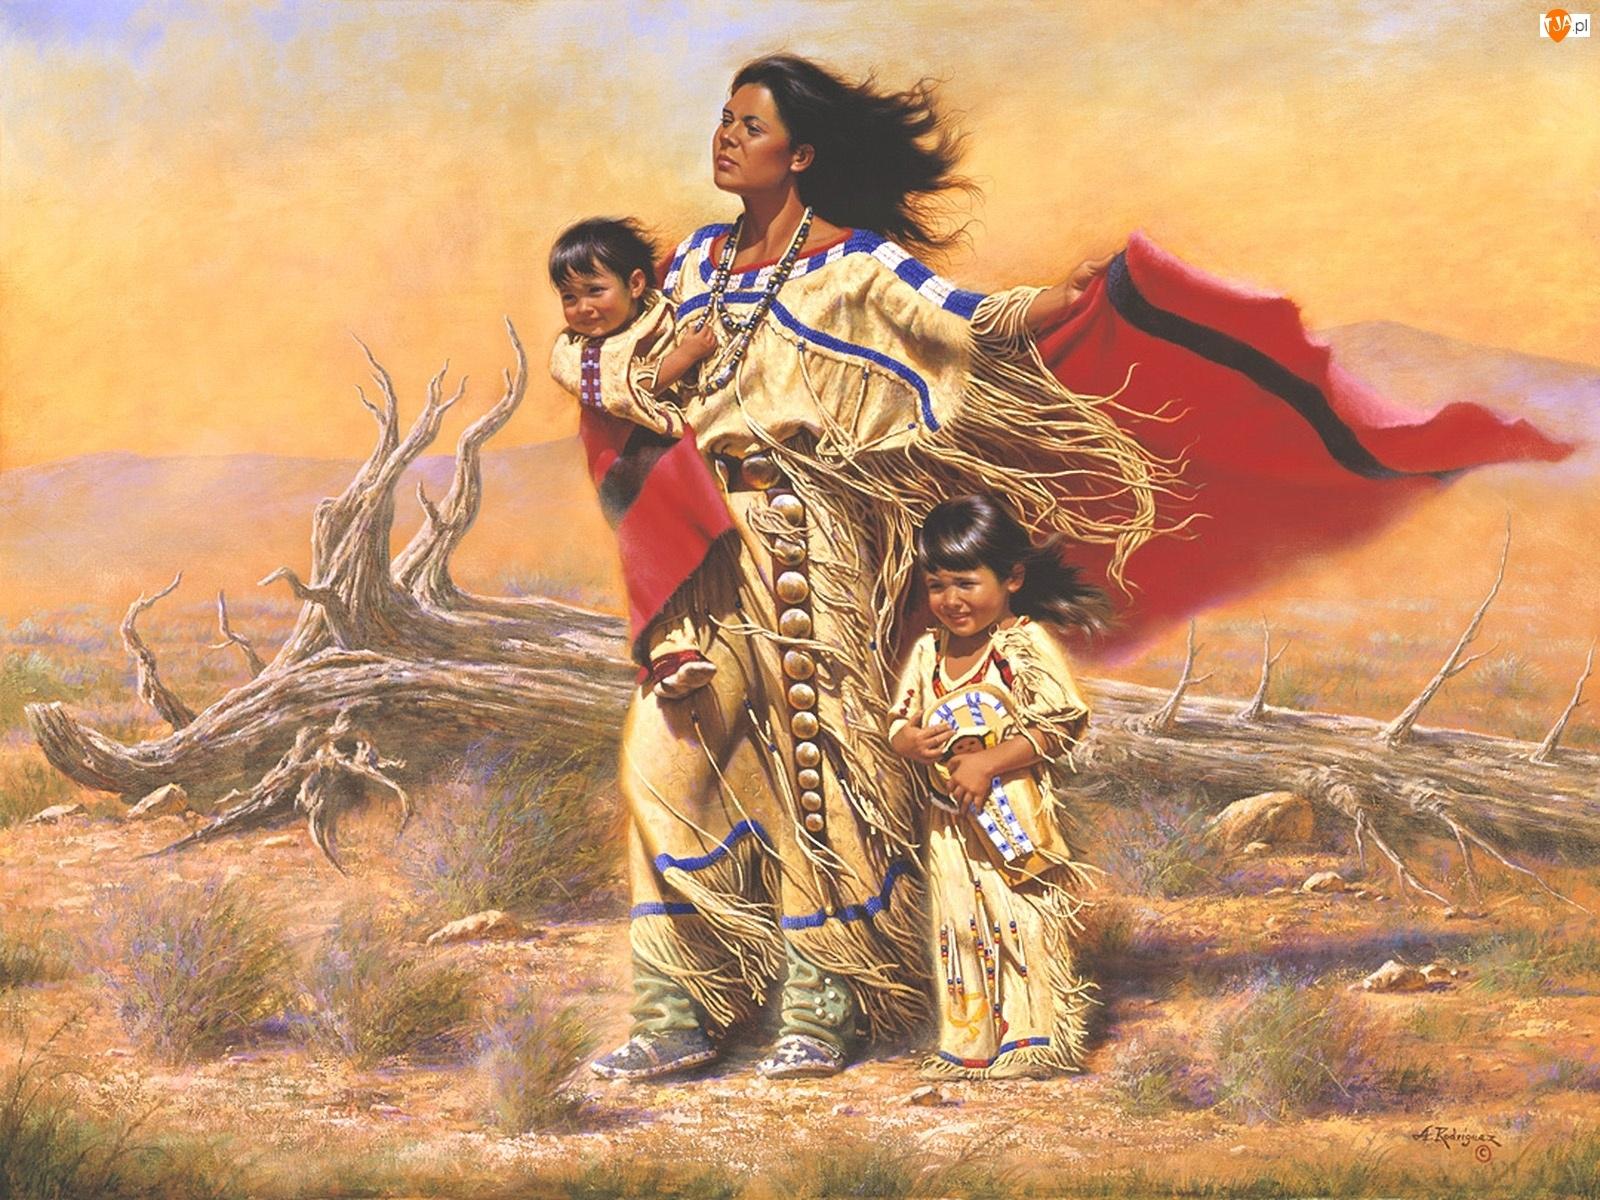 Obraz, Dzieci, Alfredo Rodriguez, Indianka